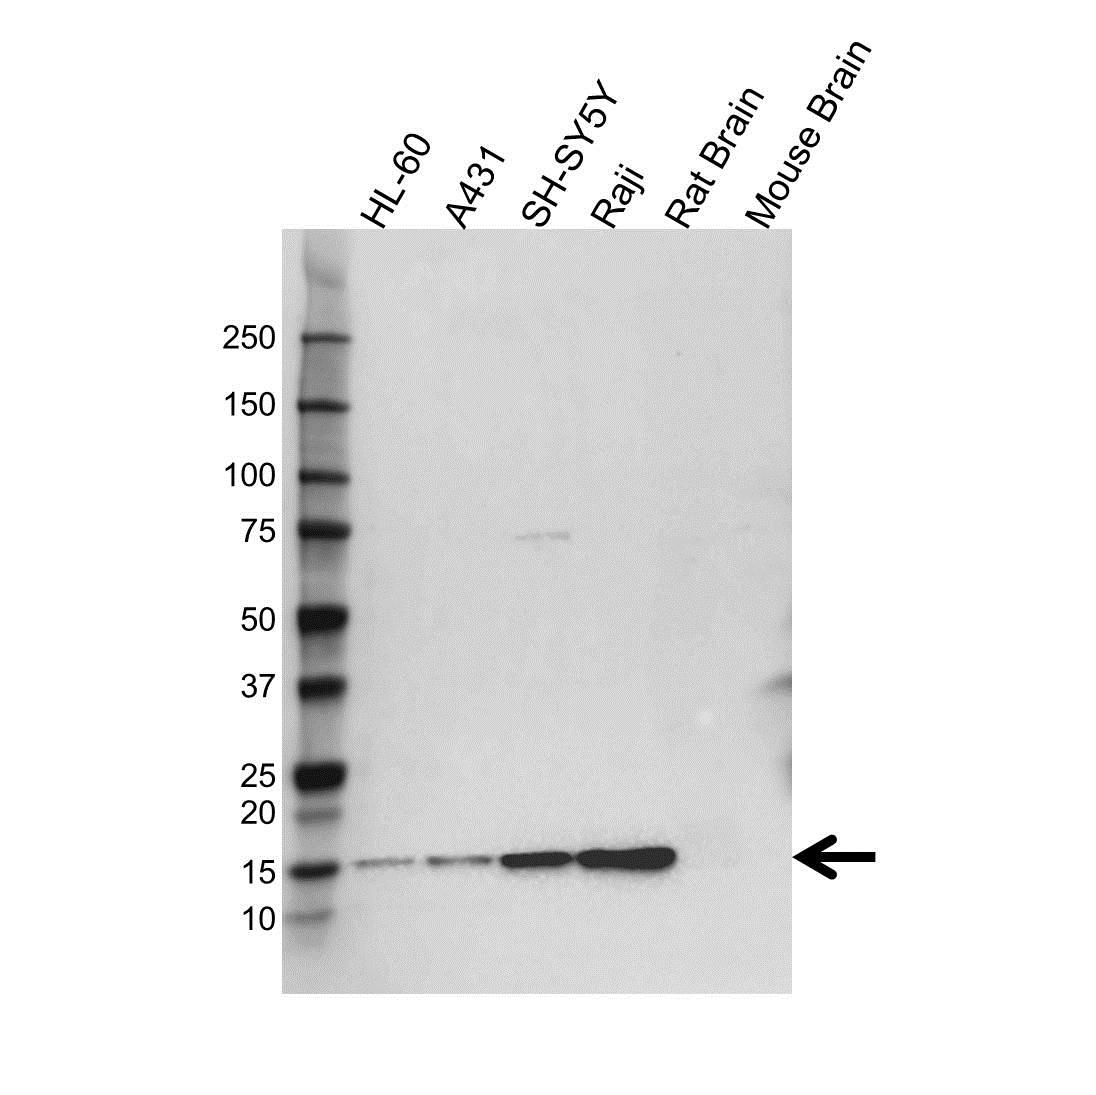 Anti FKBP1A Antibody (PrecisionAb Polyclonal Antibody) gallery image 1